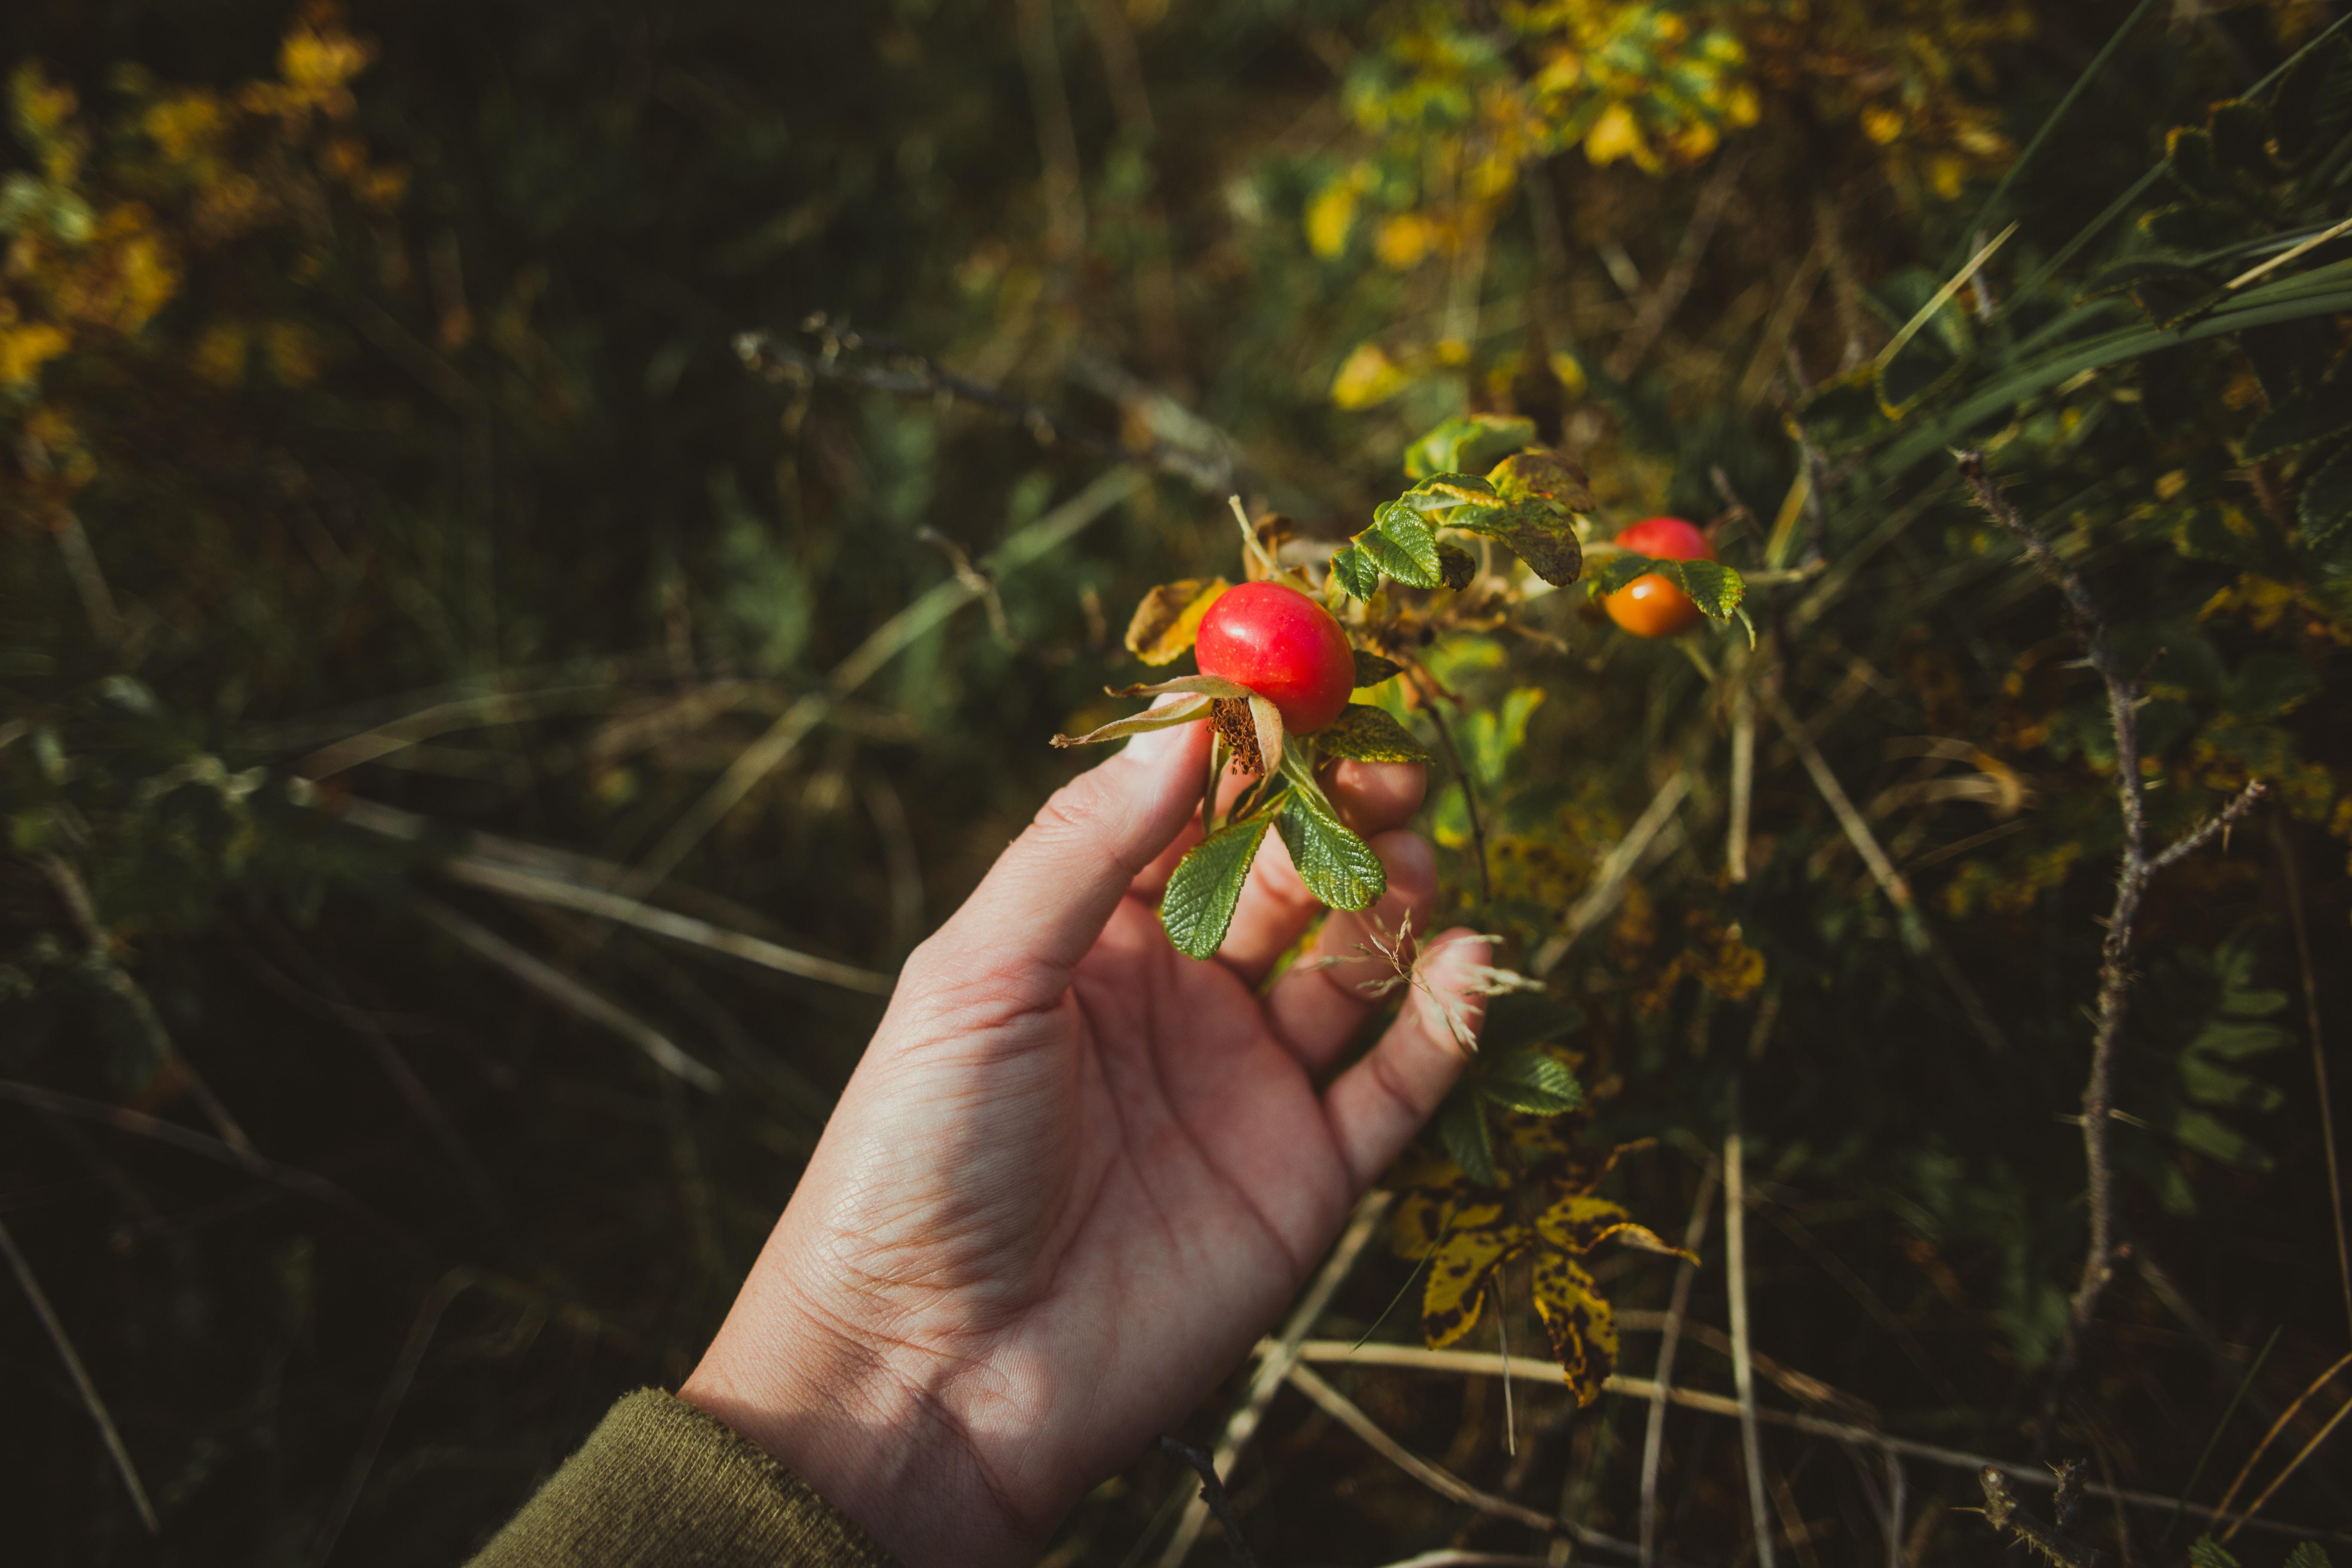 hyben, rynket rose, hybenpulver, vitamin